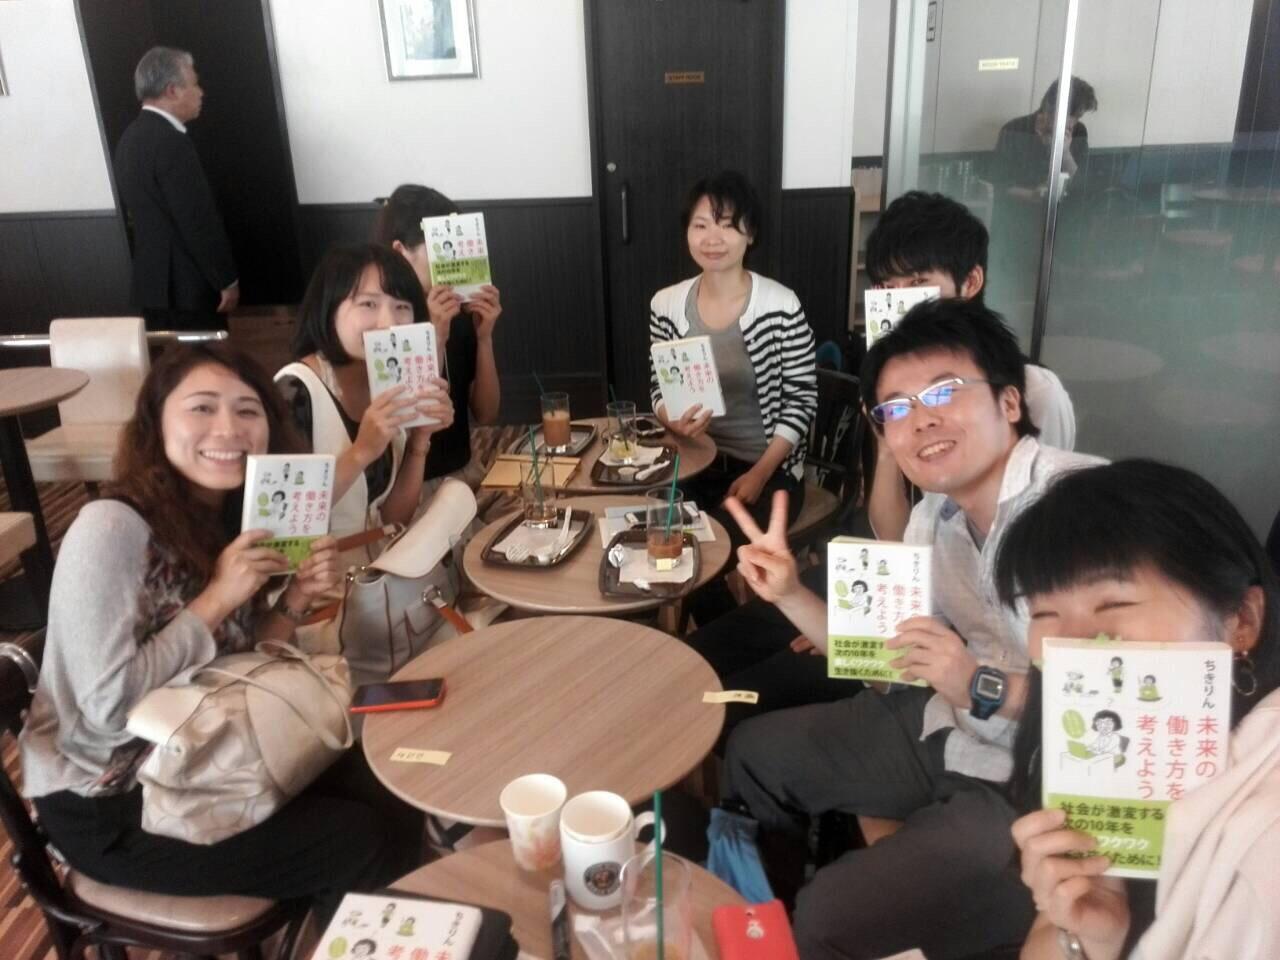 2015/8月 東京Cafe読書会の開催報告/『未来の働き方を考えよう 人生は2回、生きられる』ちきりん